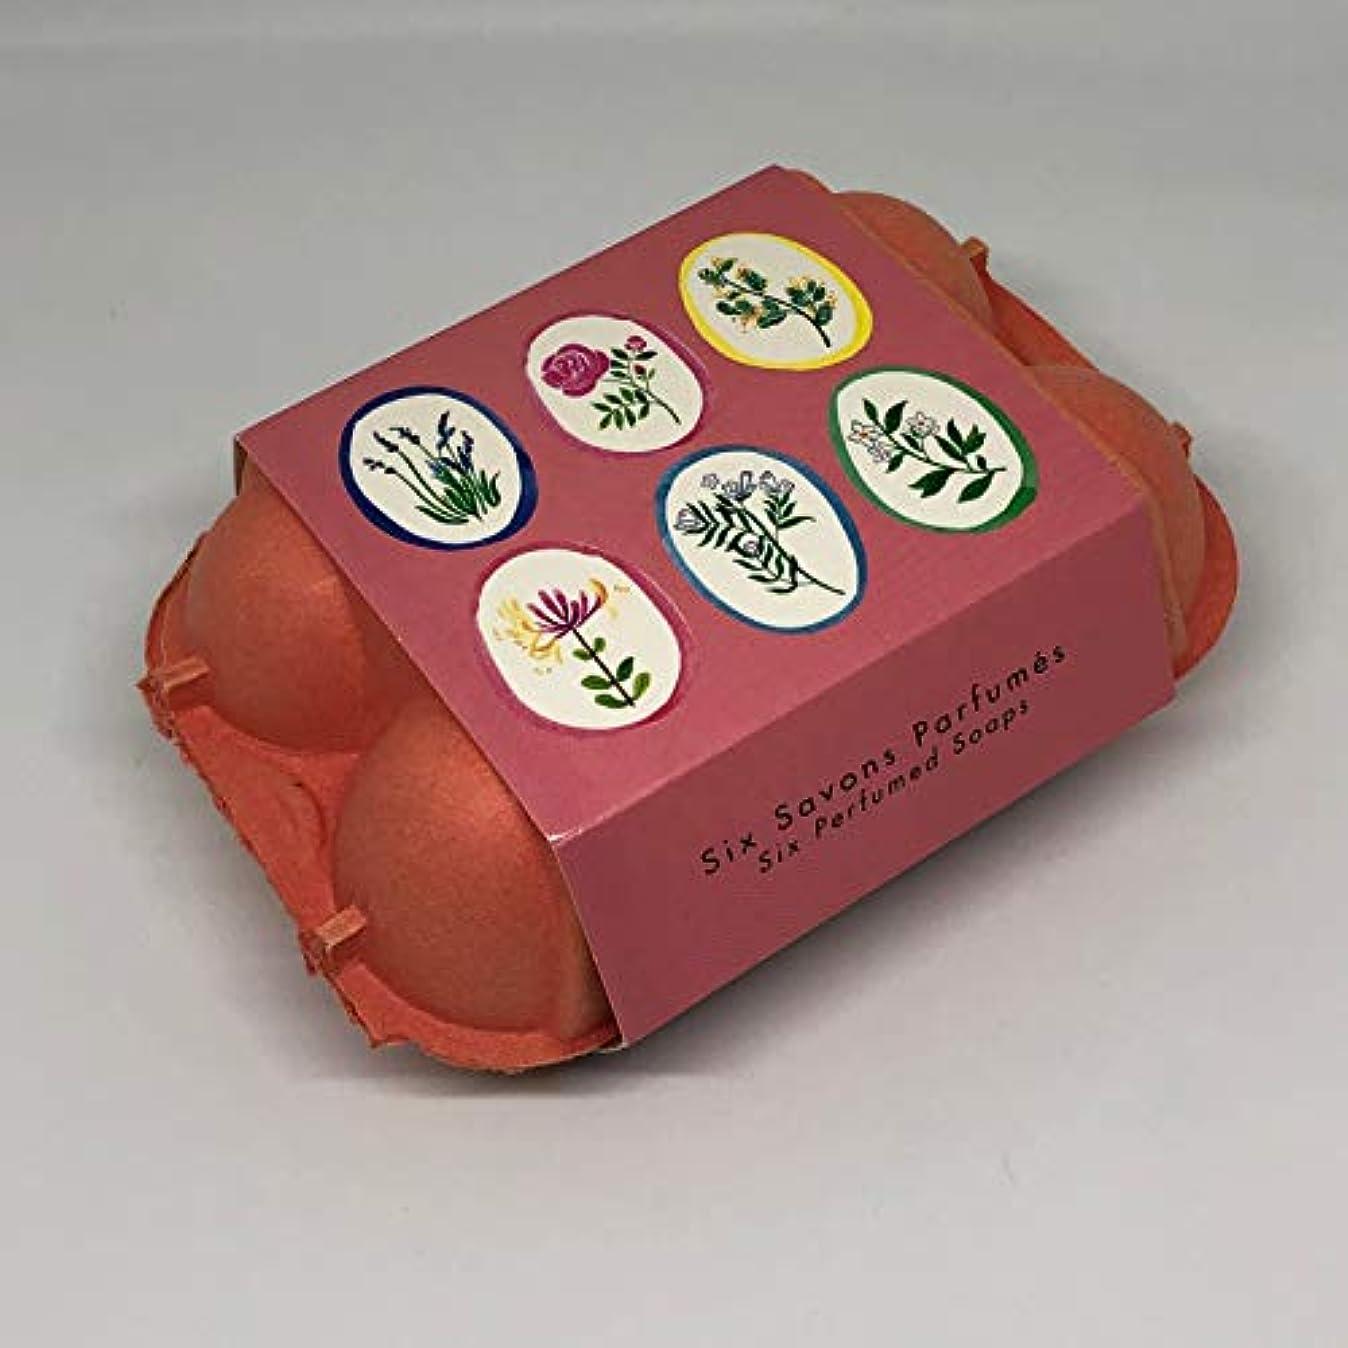 明日発生器スラムフラゴナール Fragonard 卵型ソープセット 50g×6個 フランス直輸入 PINK